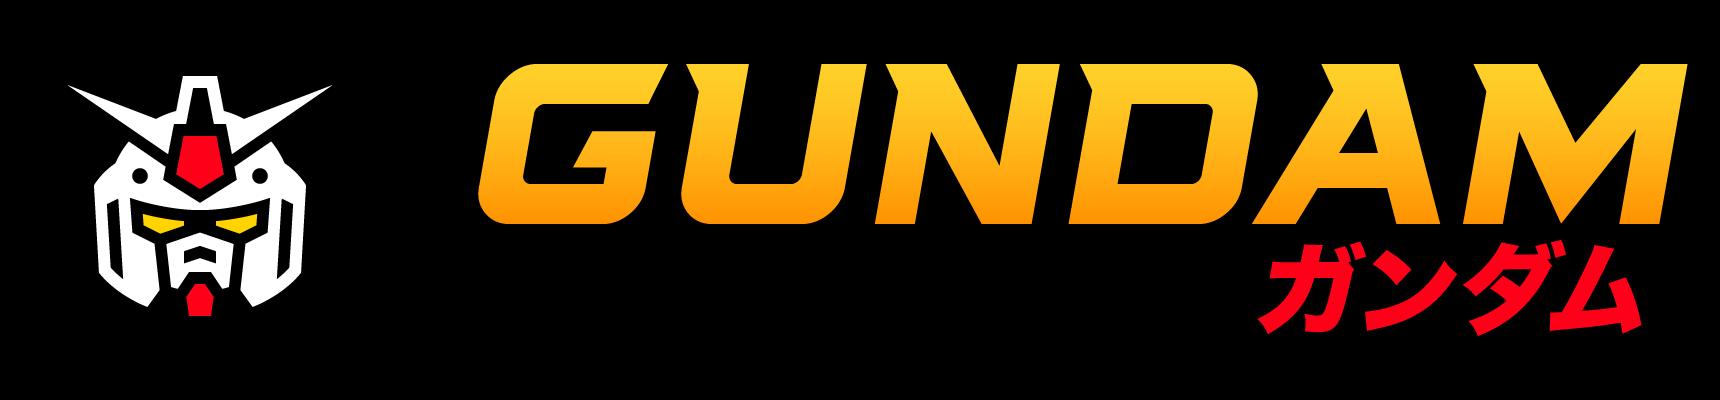 Магазин японских моделей GUNPLA